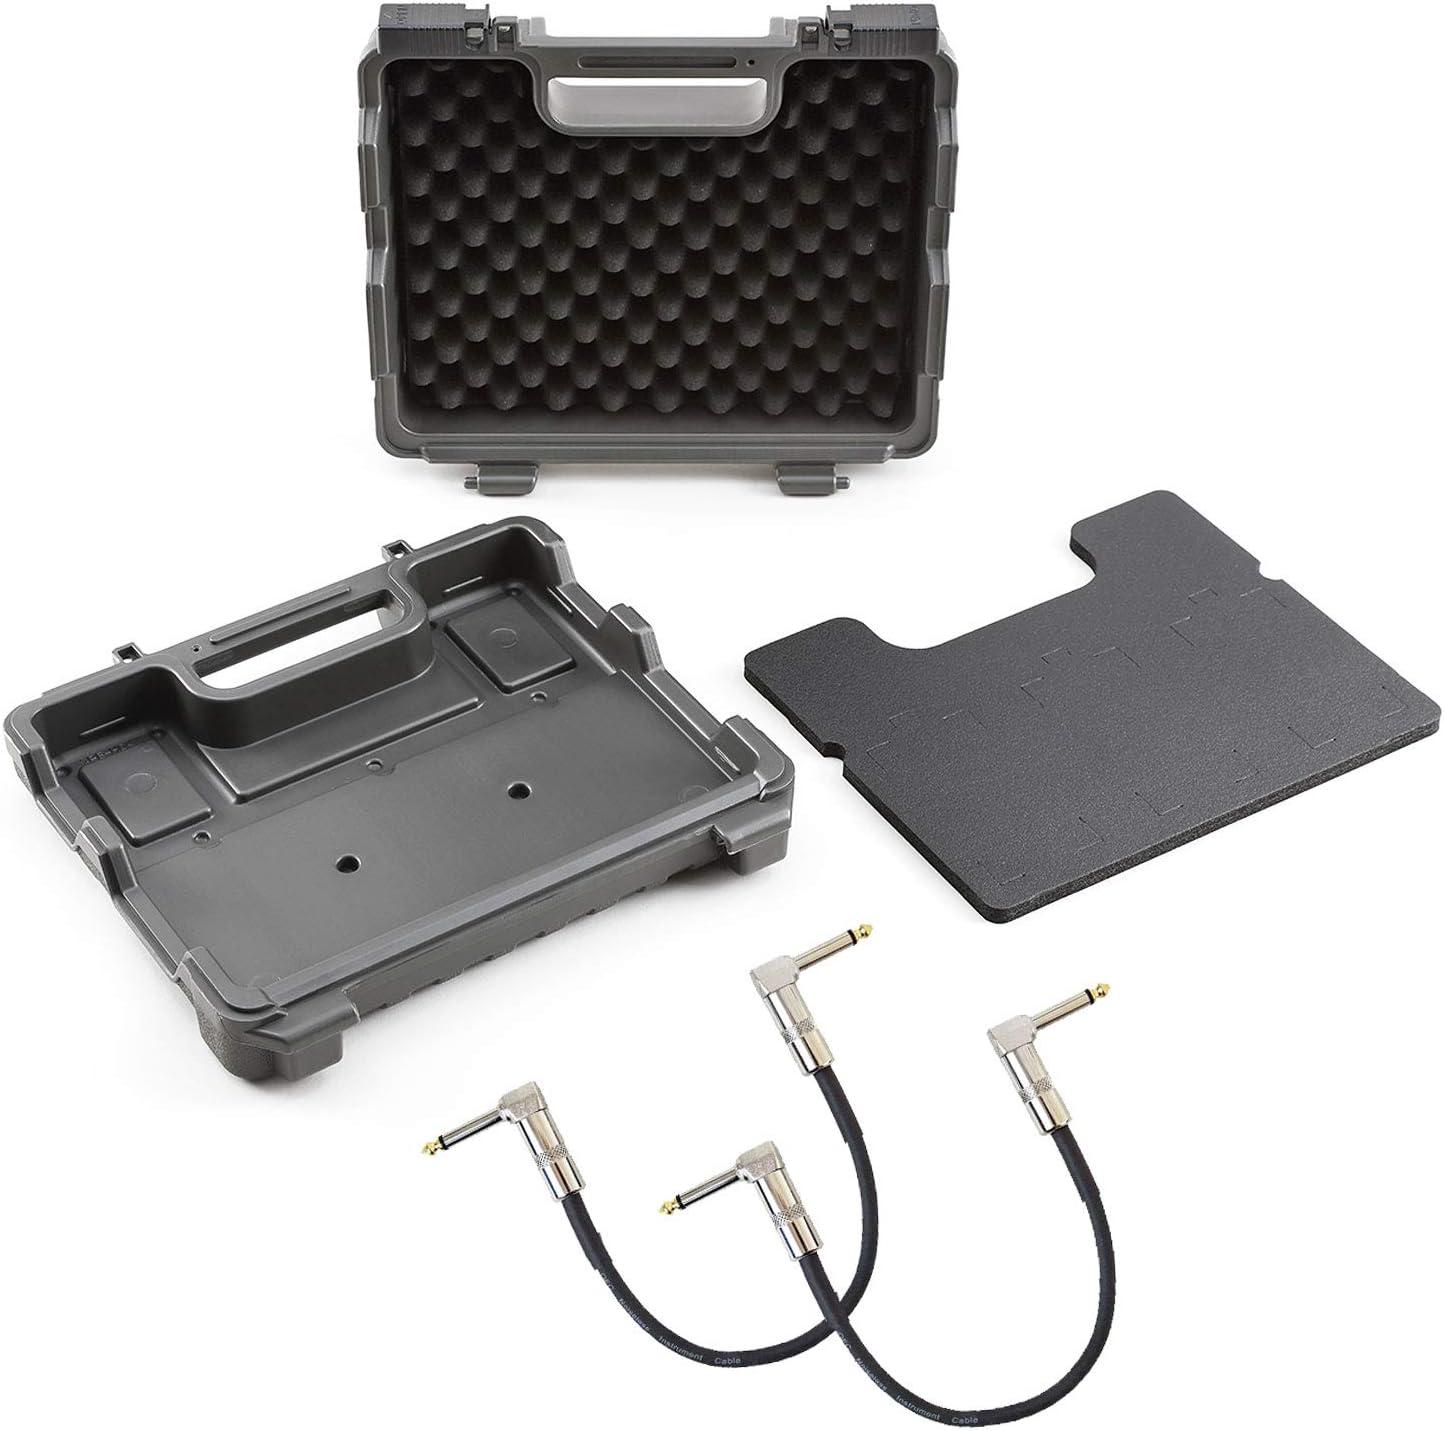 Boss BCB-30X - Pedal de efectos (2 cables de conexión keepdrum de 30 cm)